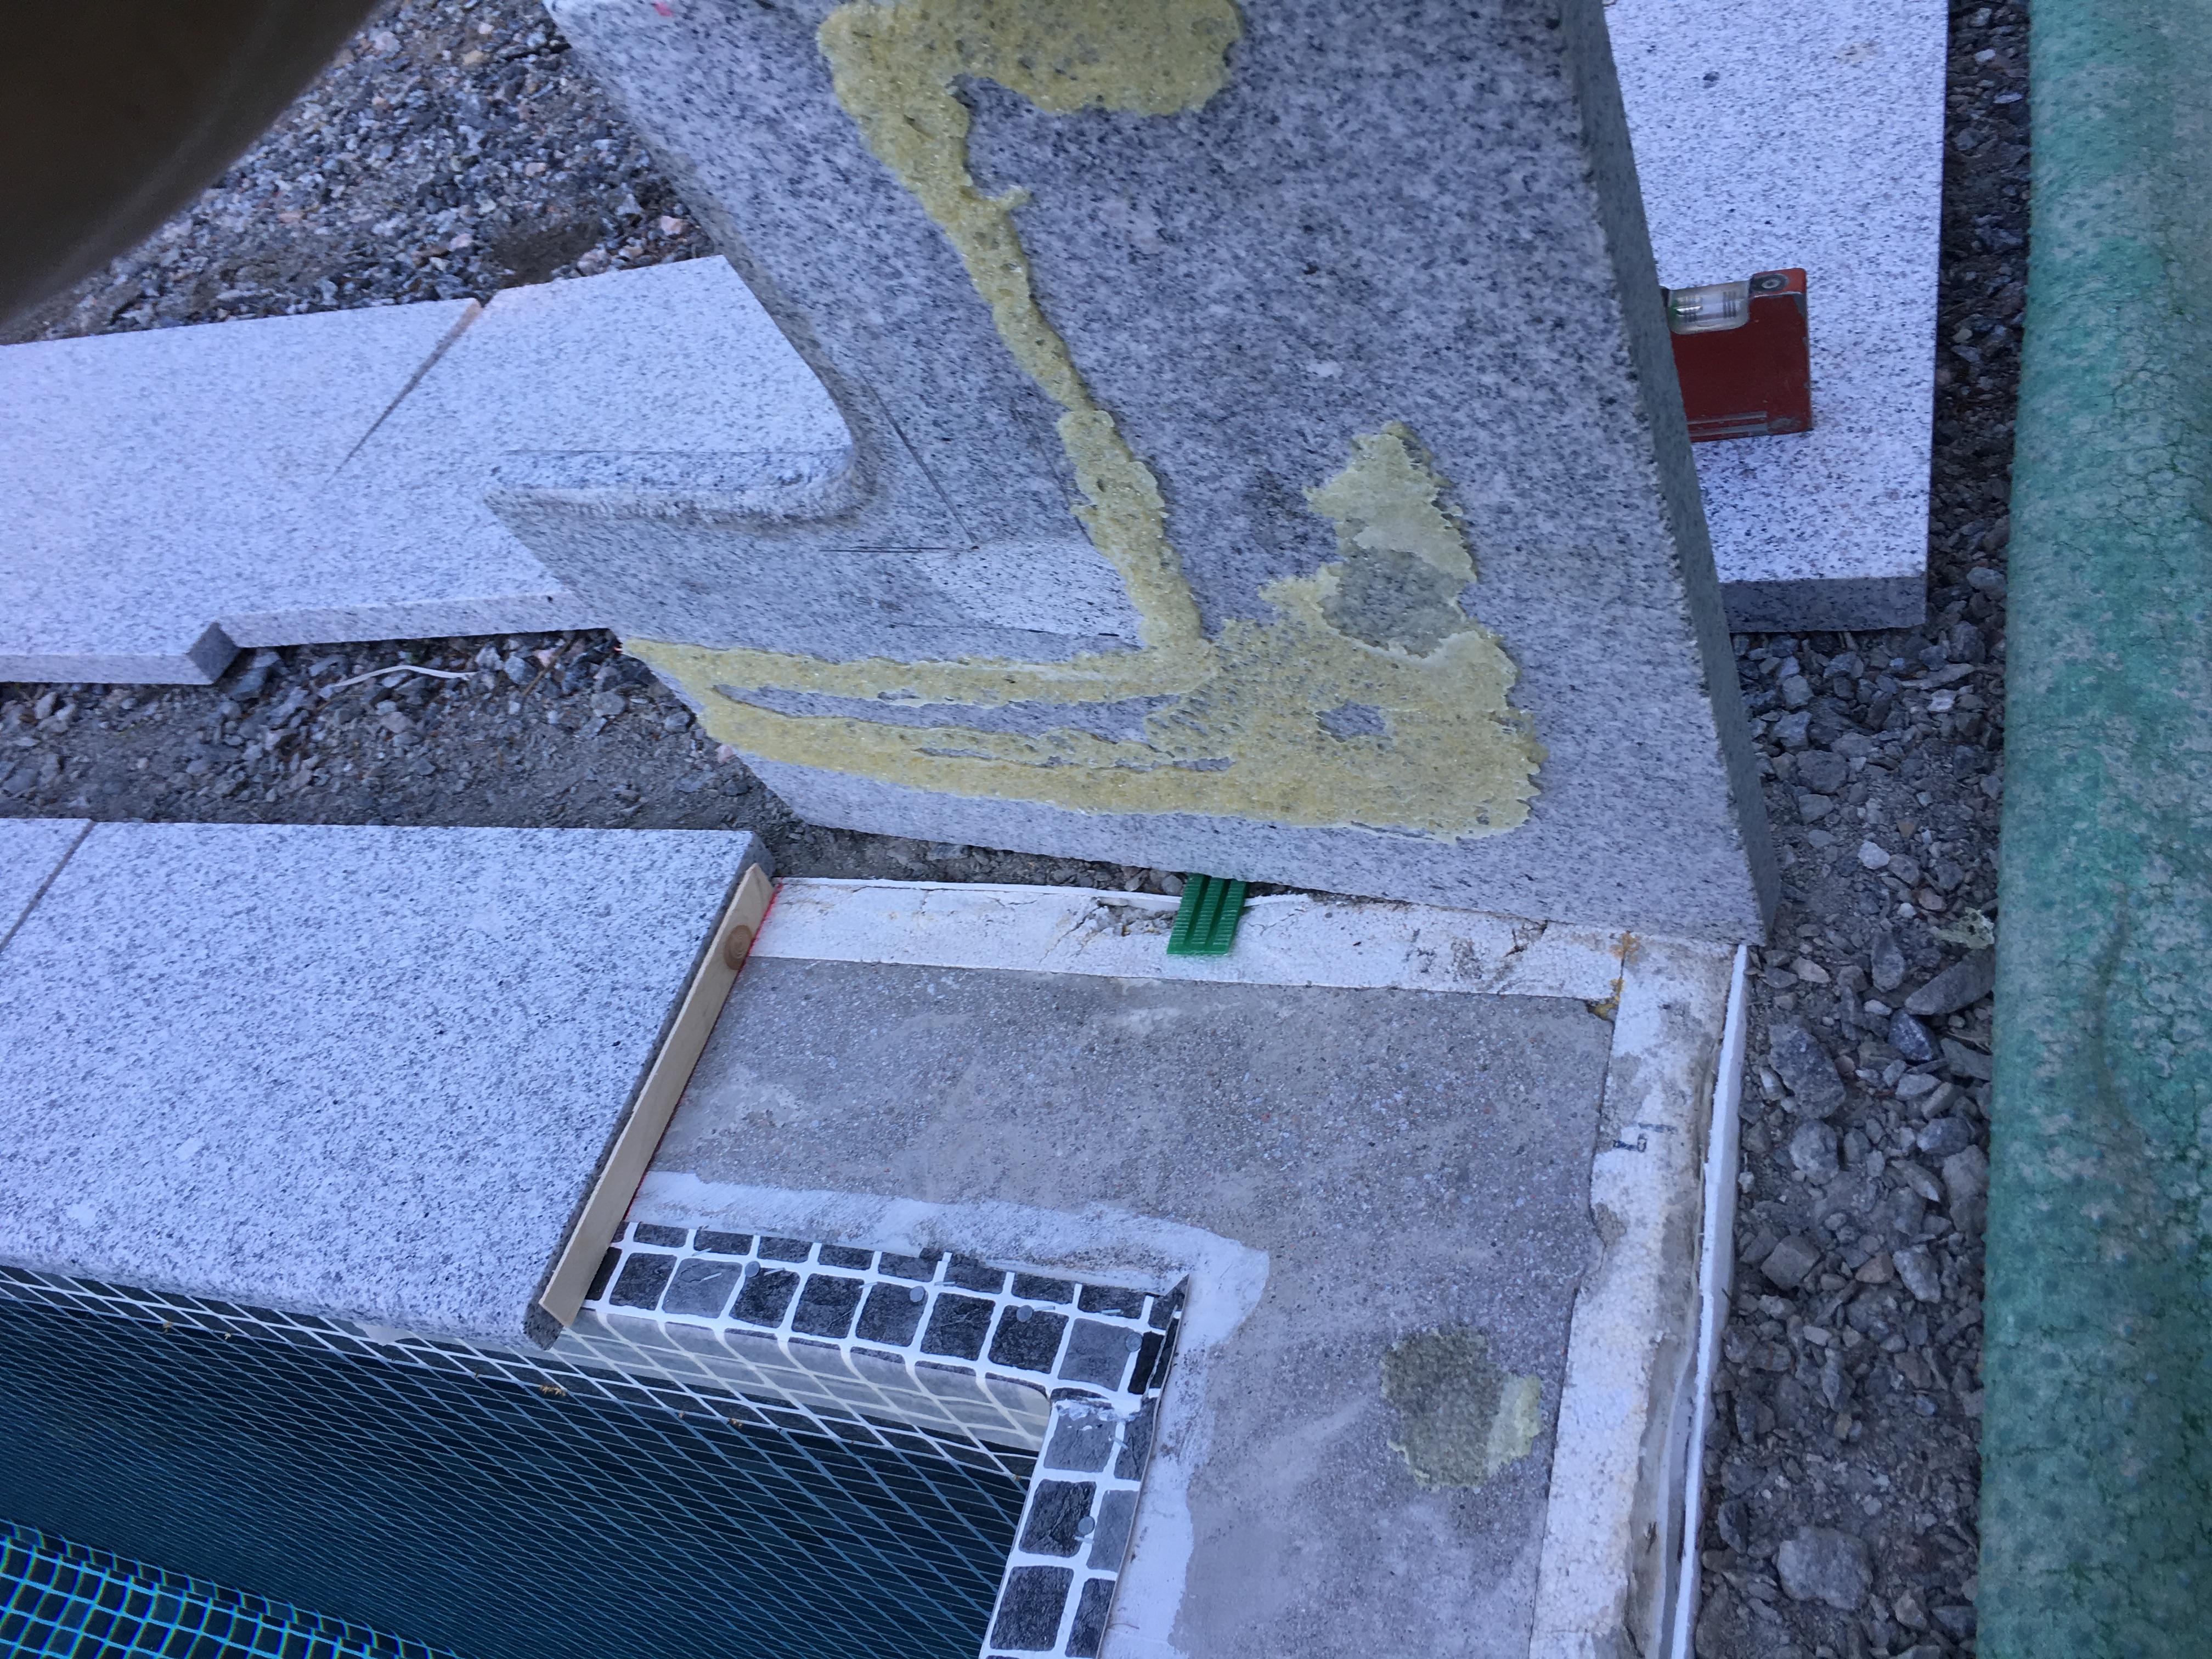 limma på betong